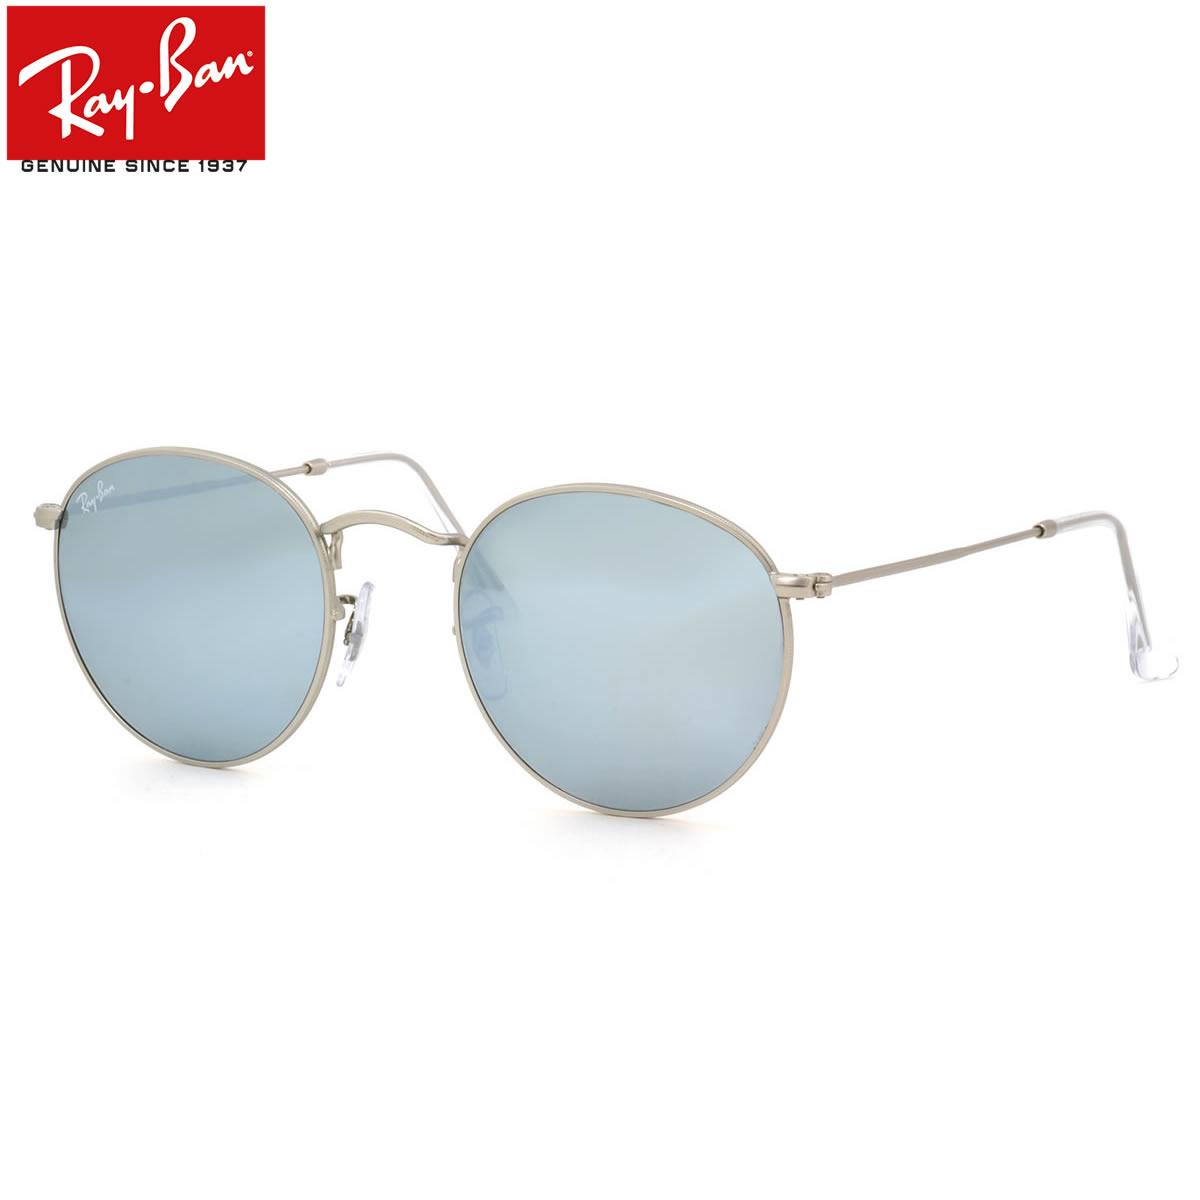 レイバン サングラス ミラー ラウンドメタル Ray-Ban RB3447 019/30 50サイズ レイバン RAYBAN ROUND FLASH LENSES 01930 METAL 丸メガネ ミラー ICONS アイコン メンズ レディース